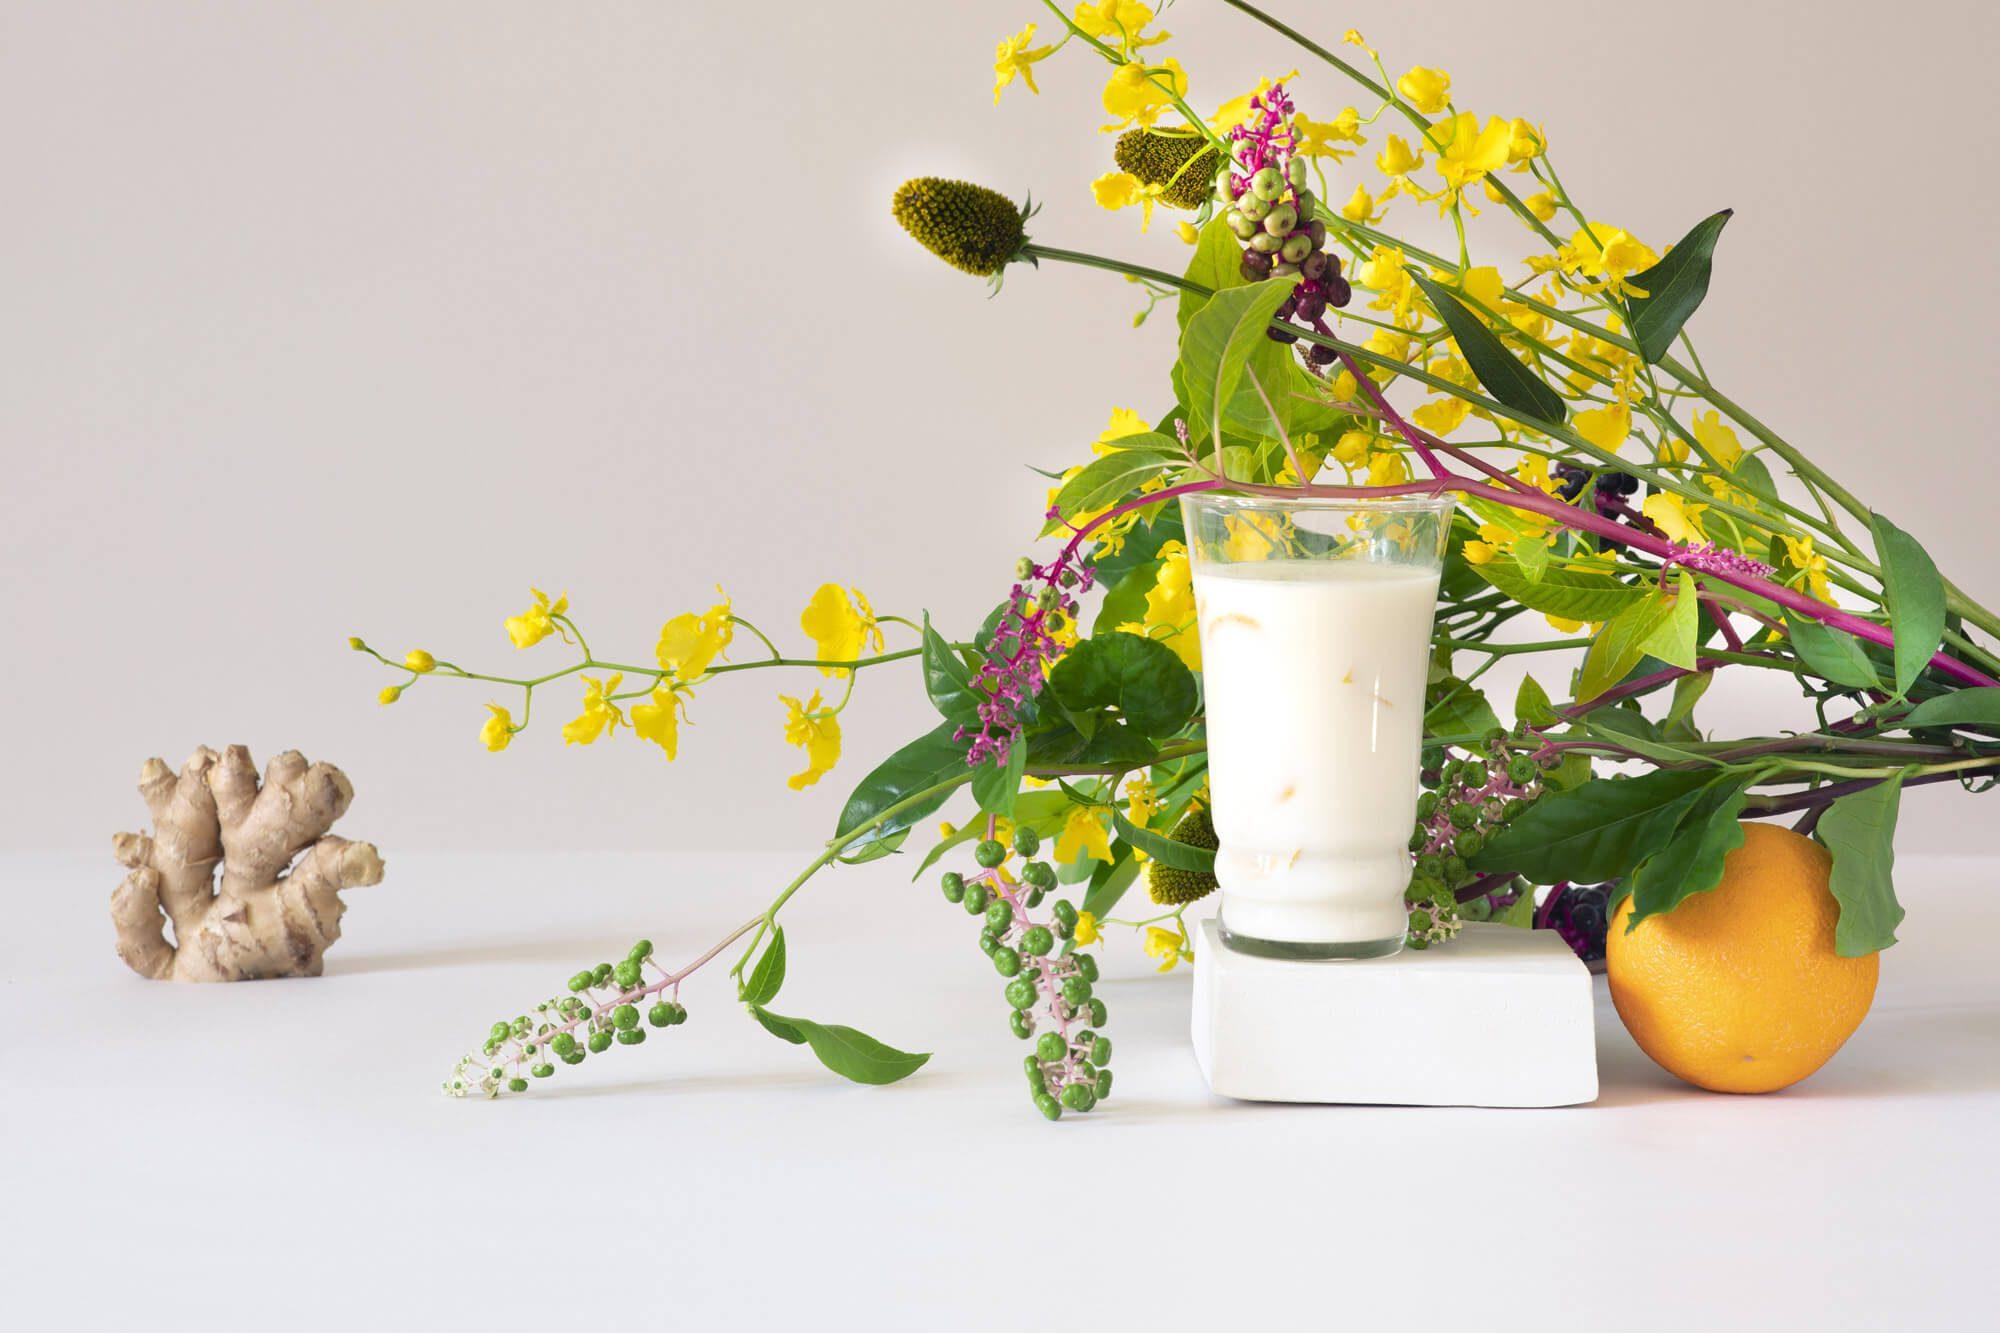 photographie minimaliste, lait, gingembre, fleurs et orange, en studio par la photographe Virginie Perocheau, direction artistique Helena Ichbiah pour la milkfactory